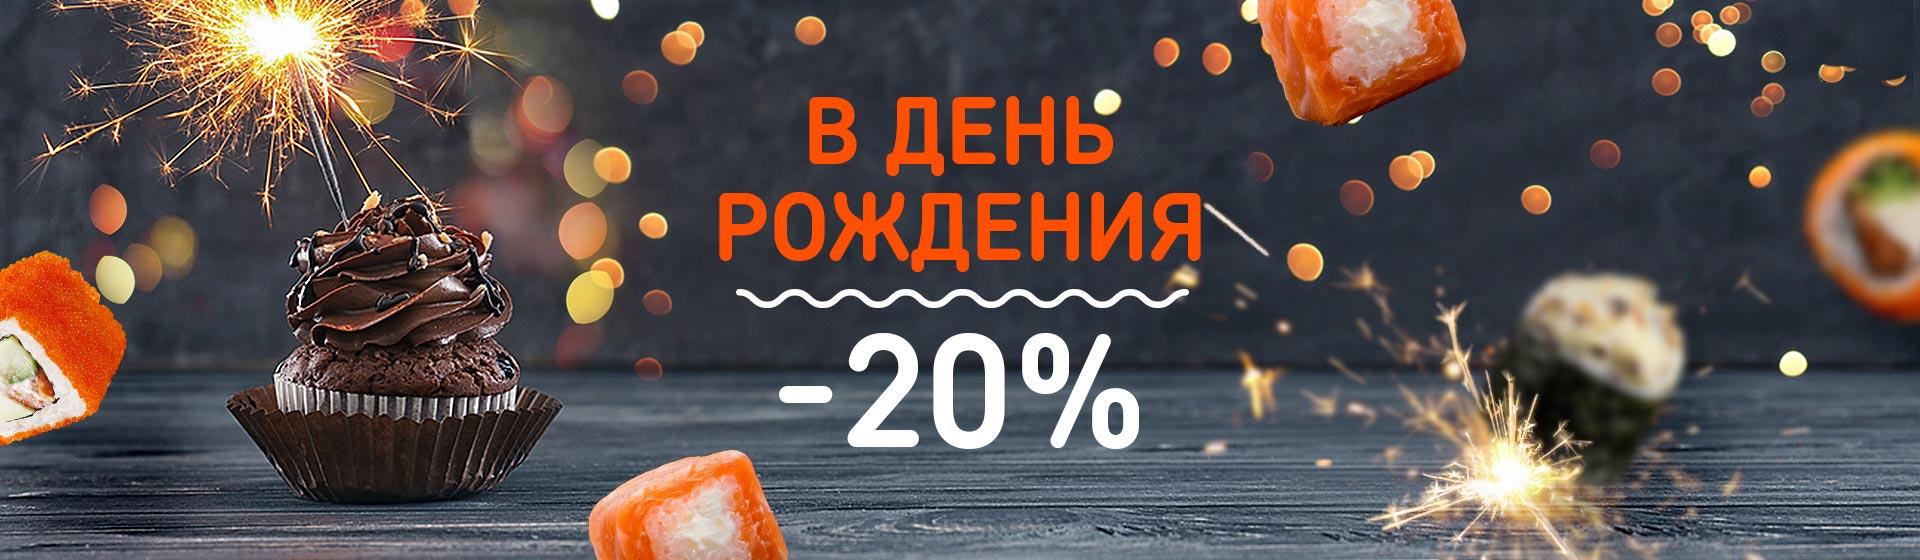 День Рождения Прокопьевск